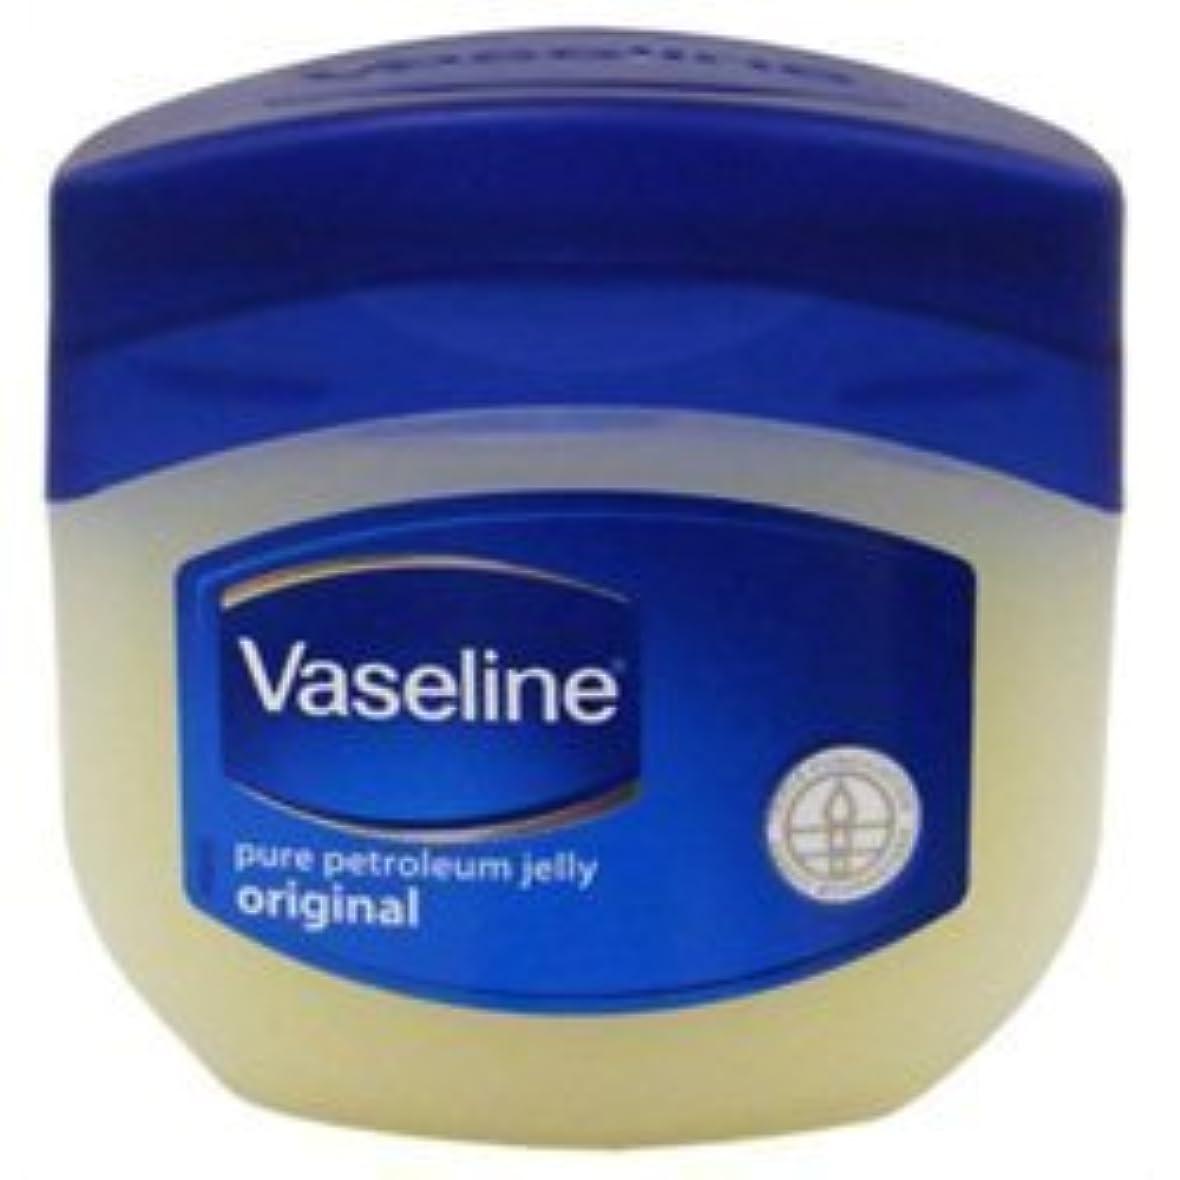 平衡シアーペース【Vaseline】ヴァセリン ピュアスキンジェリー (スキンオイル) 80g ×5個セット